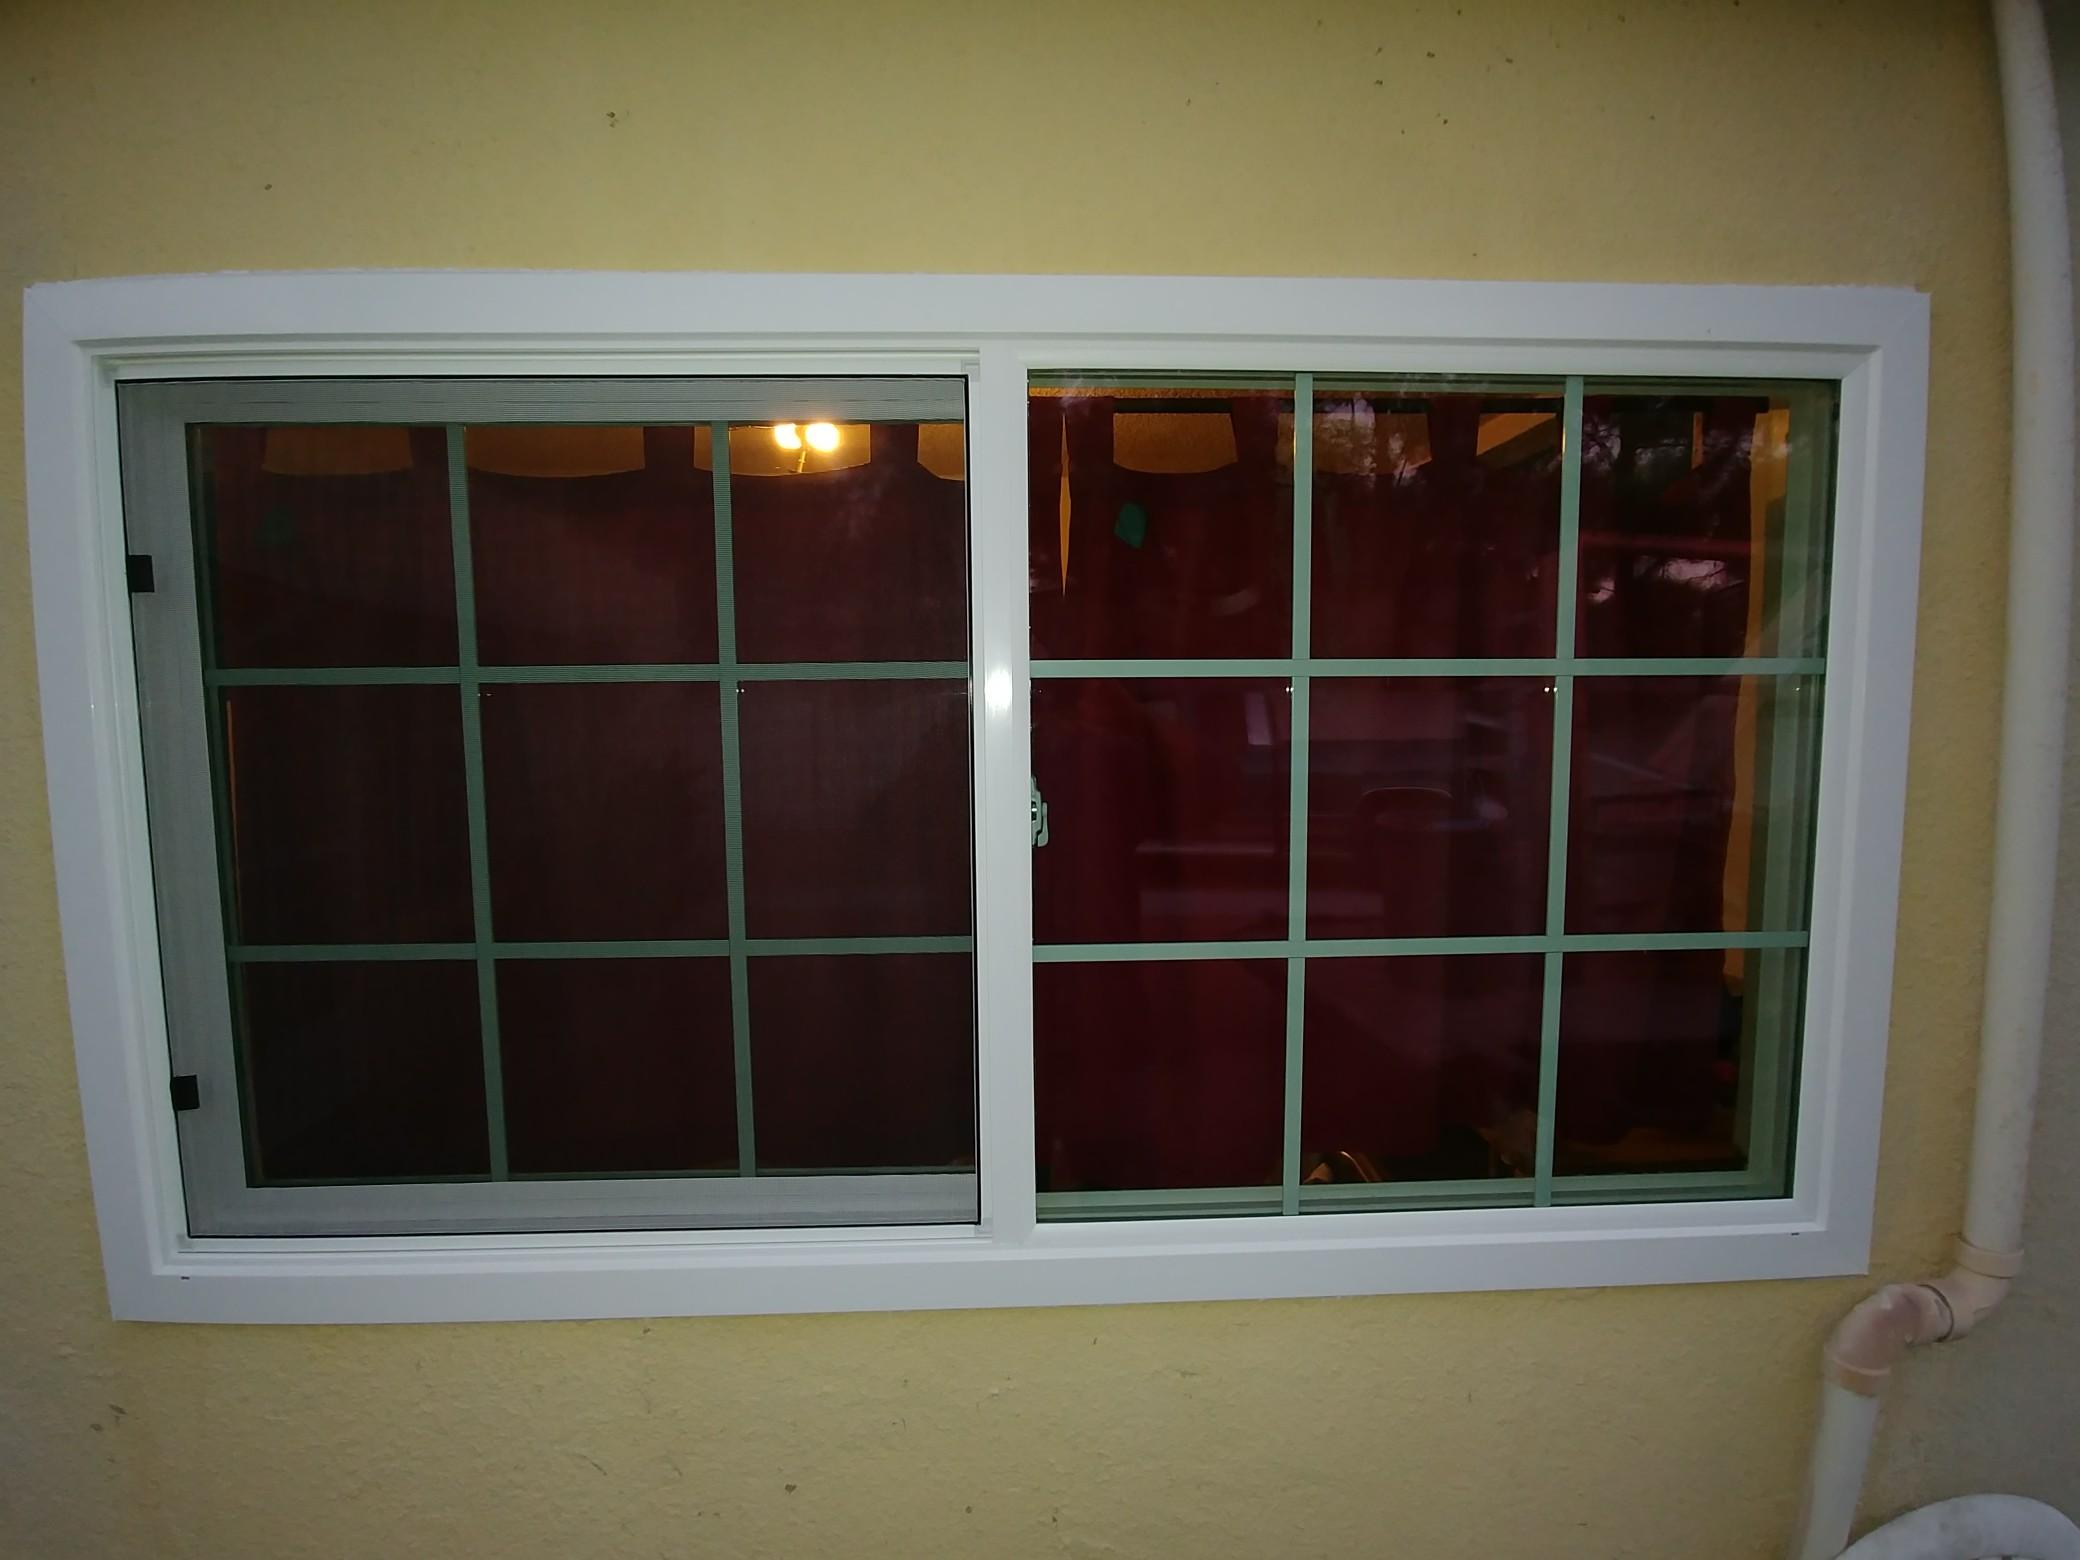 Premier Windows And Doors Elp, El Paso Texas (tx. Garage Door Gap Seal. Farm Doors Sliding. Cement For Garage Floor. Weslock Door Knobs. California Closets Garage Cabinets. Garage Pulley Storage System. Garage Door Art For Sale. Horse Stall Door